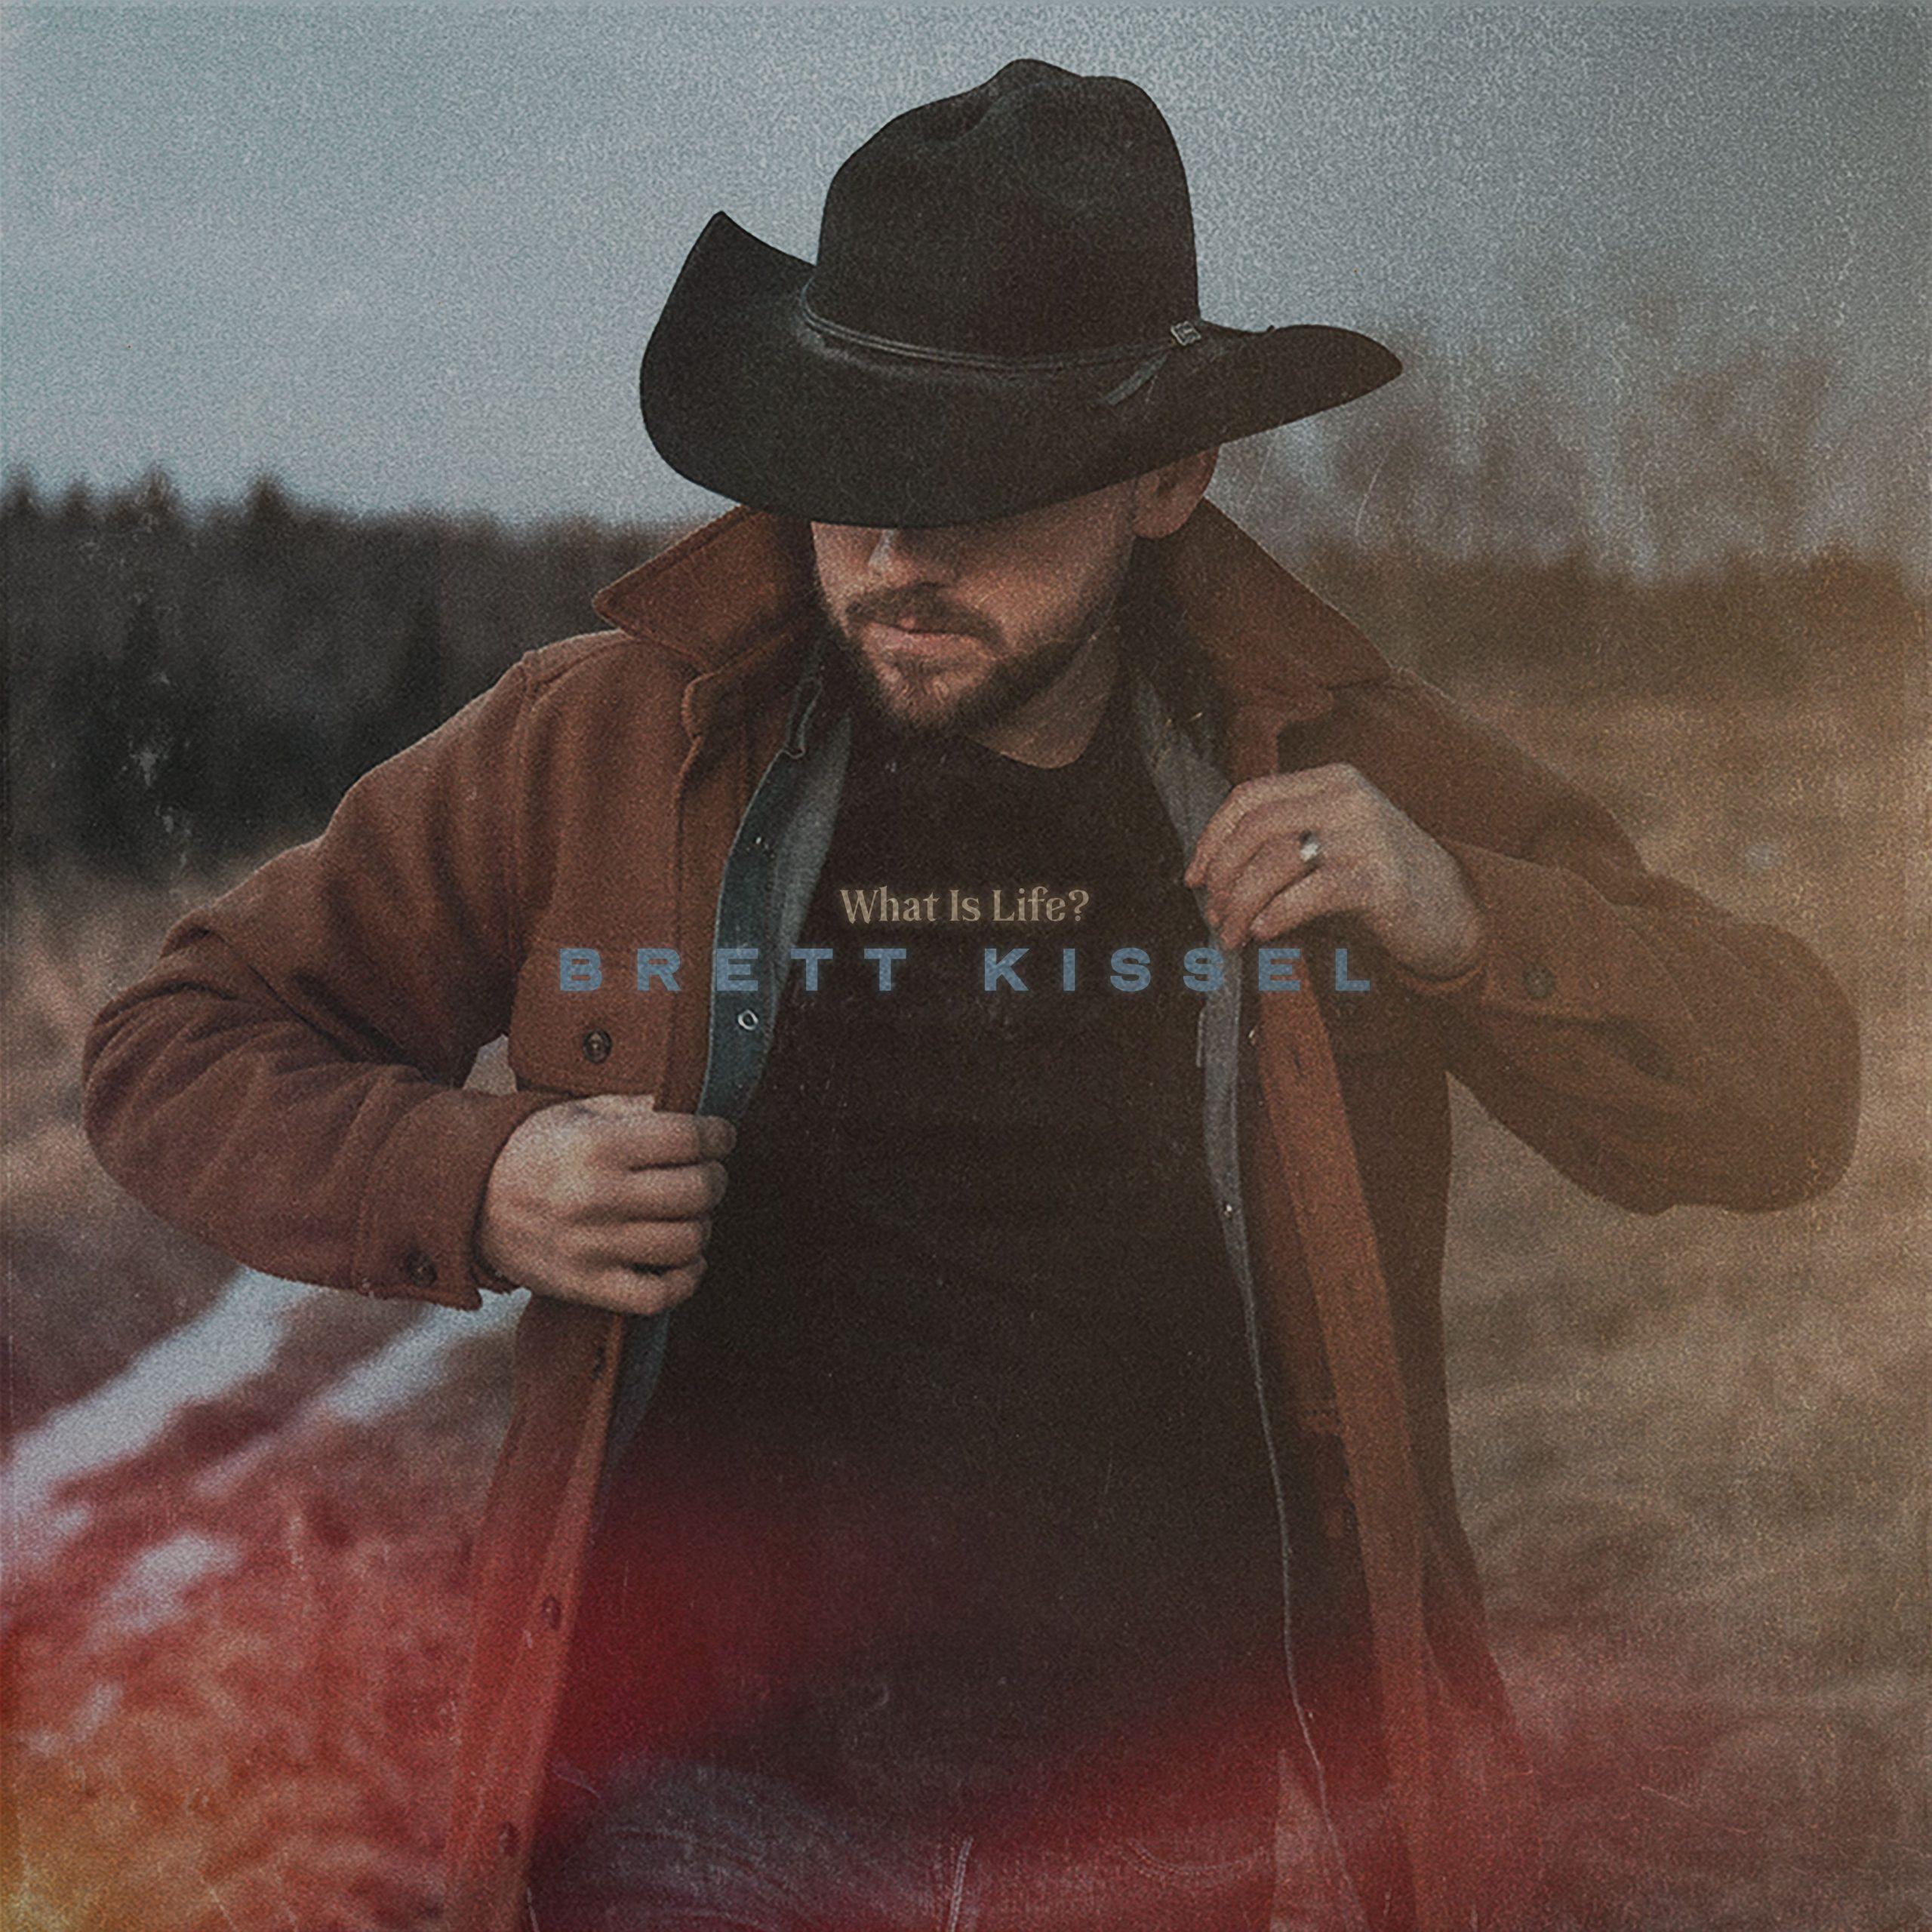 """Brett Kissel - """"What Is Life?"""" album cover"""